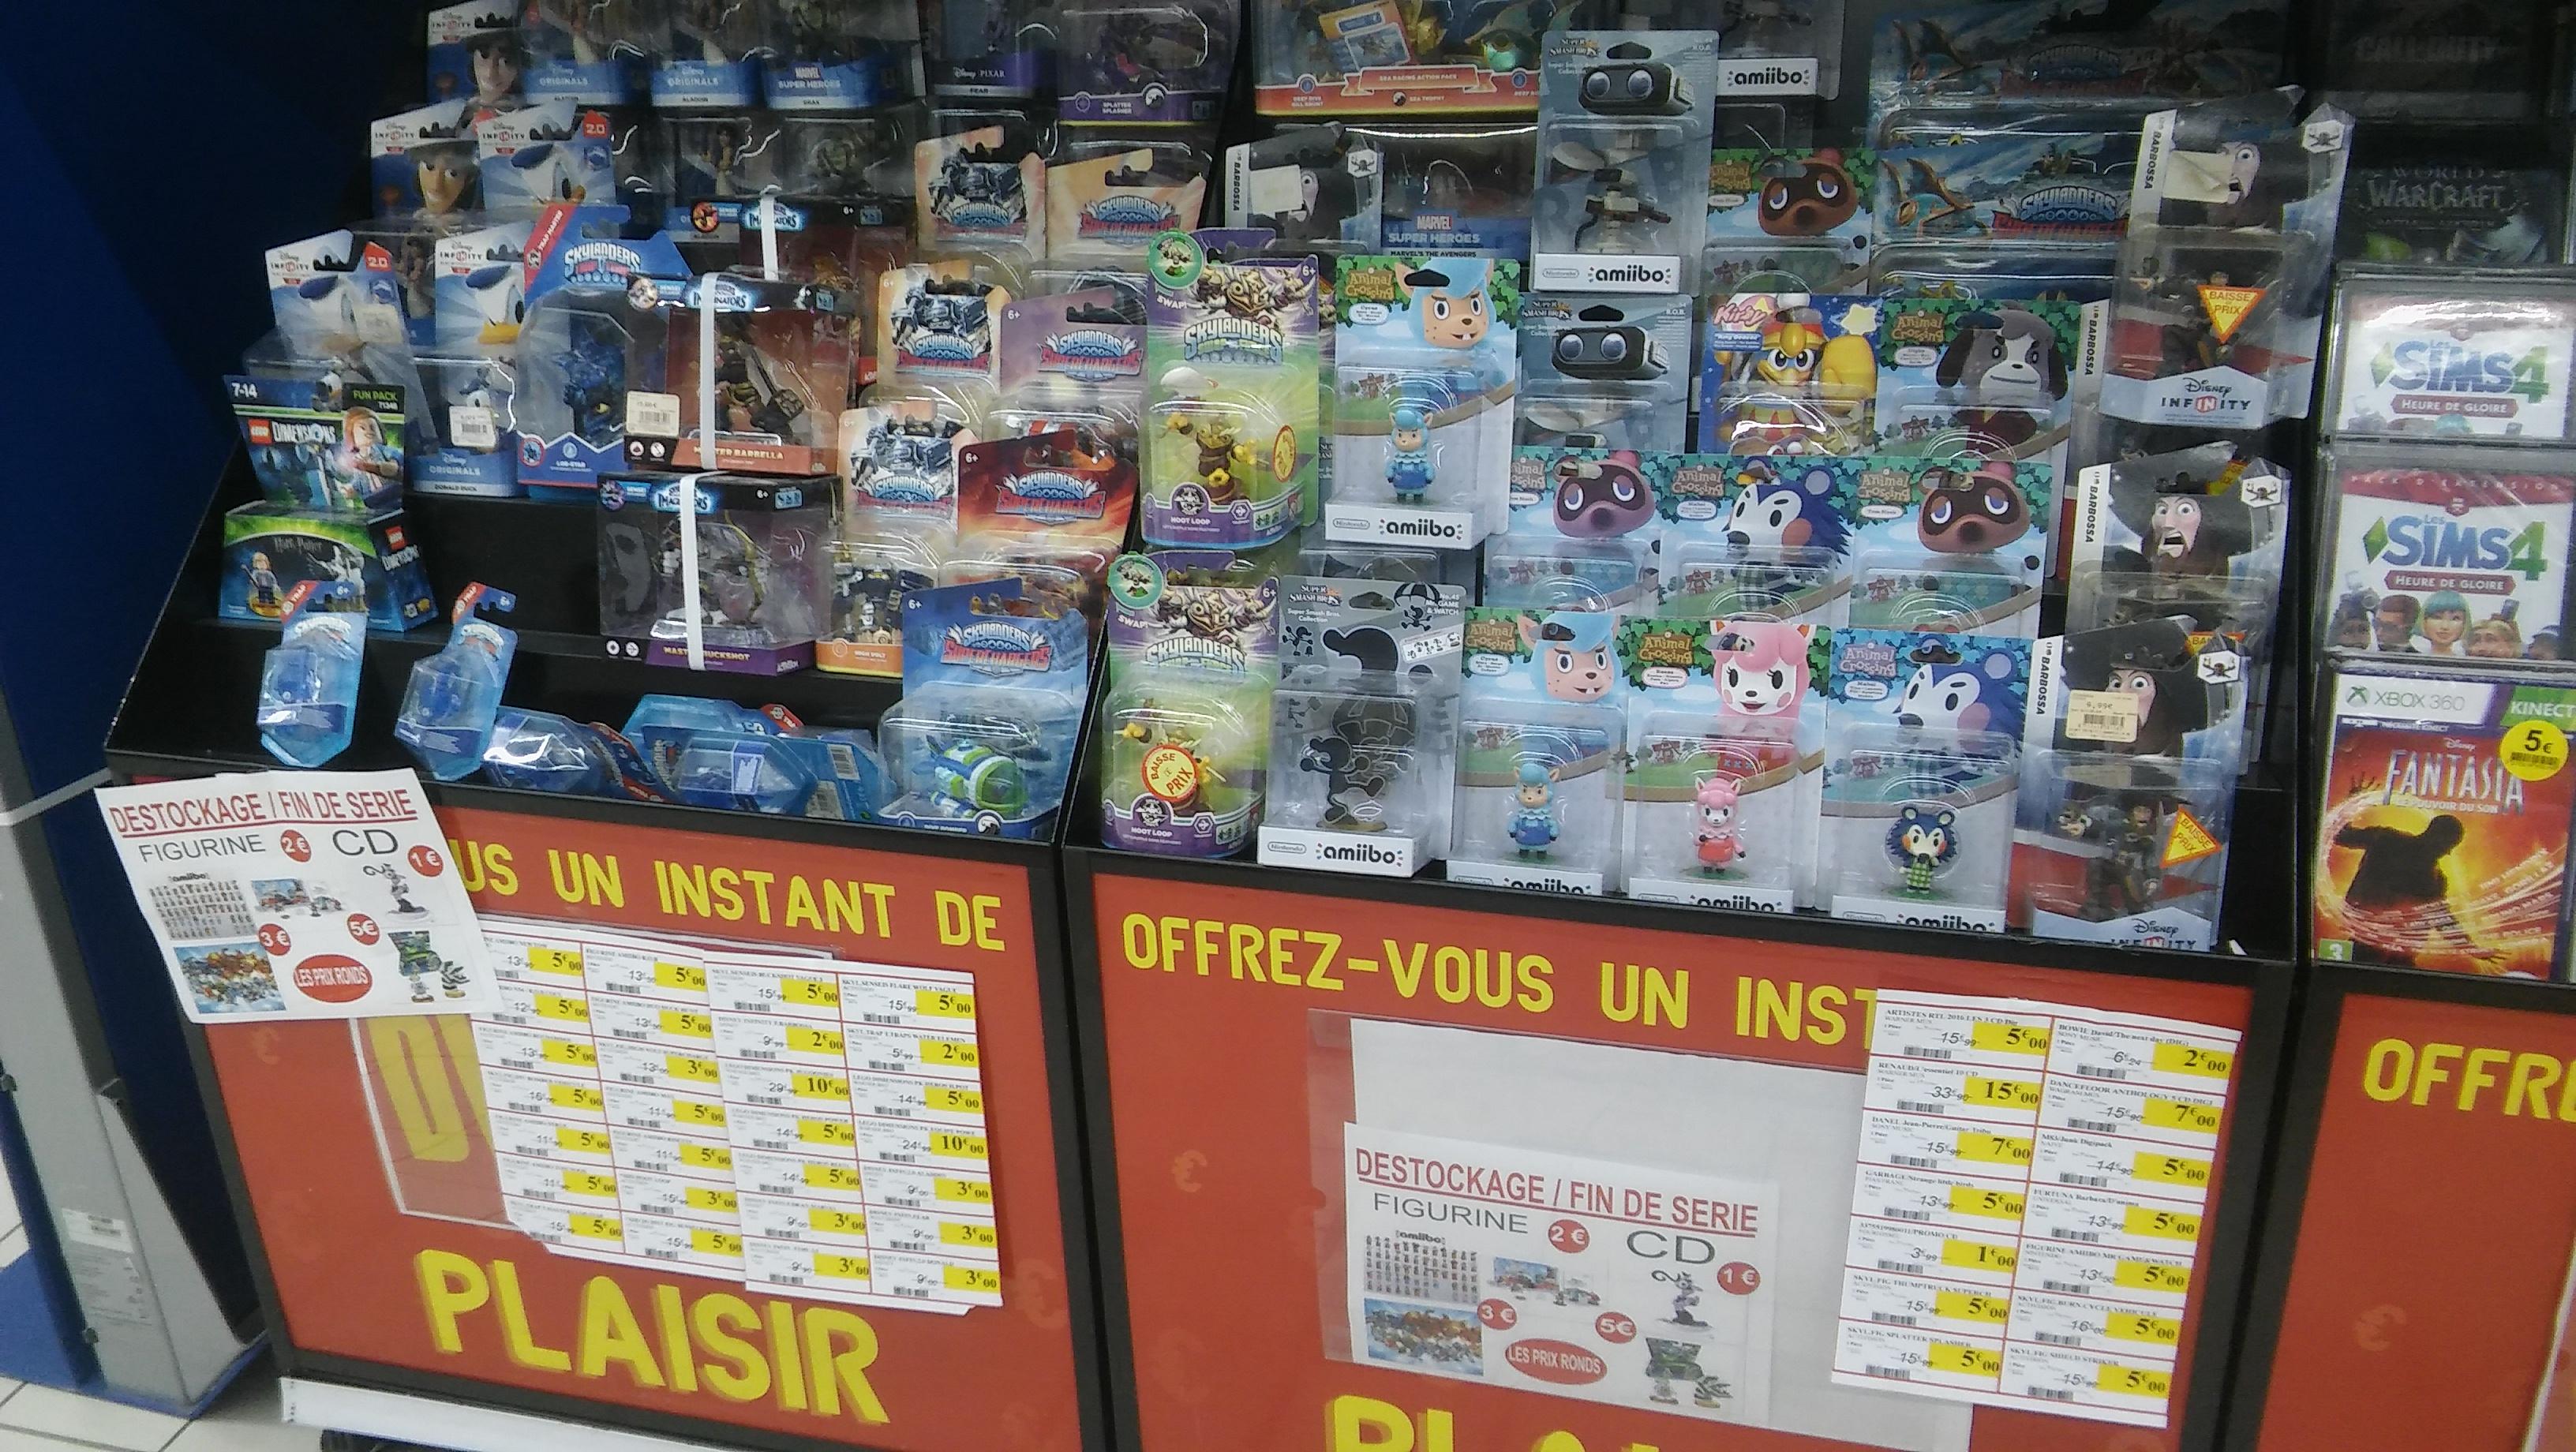 Sélection de figurines Amiibo, Skylander, Disney Infinity et Lego Dimensions en promotion - Intermarché Lisieux (14)